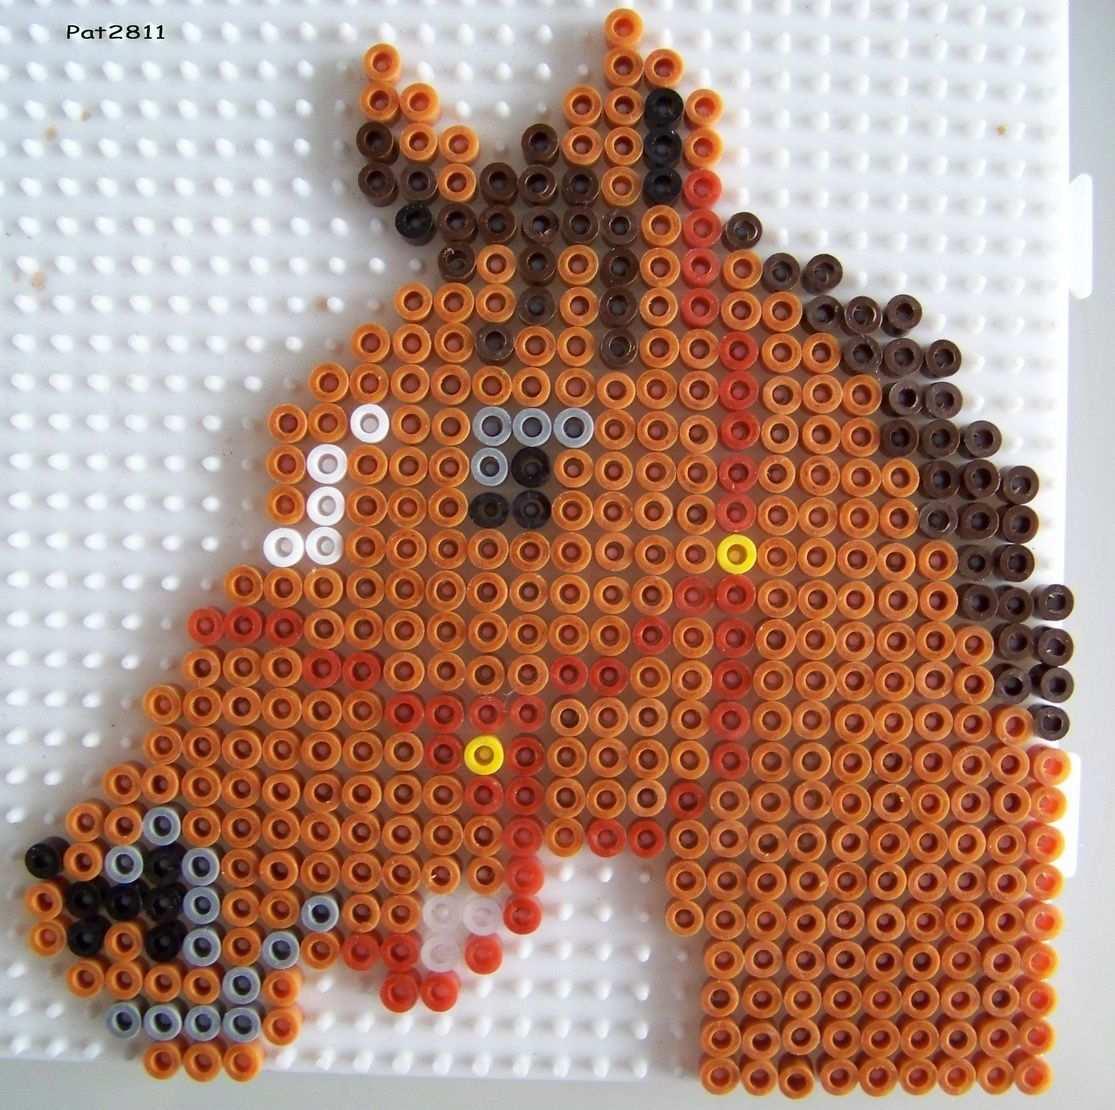 Pferd Bugelperlen Horse Hama Perler Beads Hama Beads Animales Cuentas De Hierro Abalorios Hama